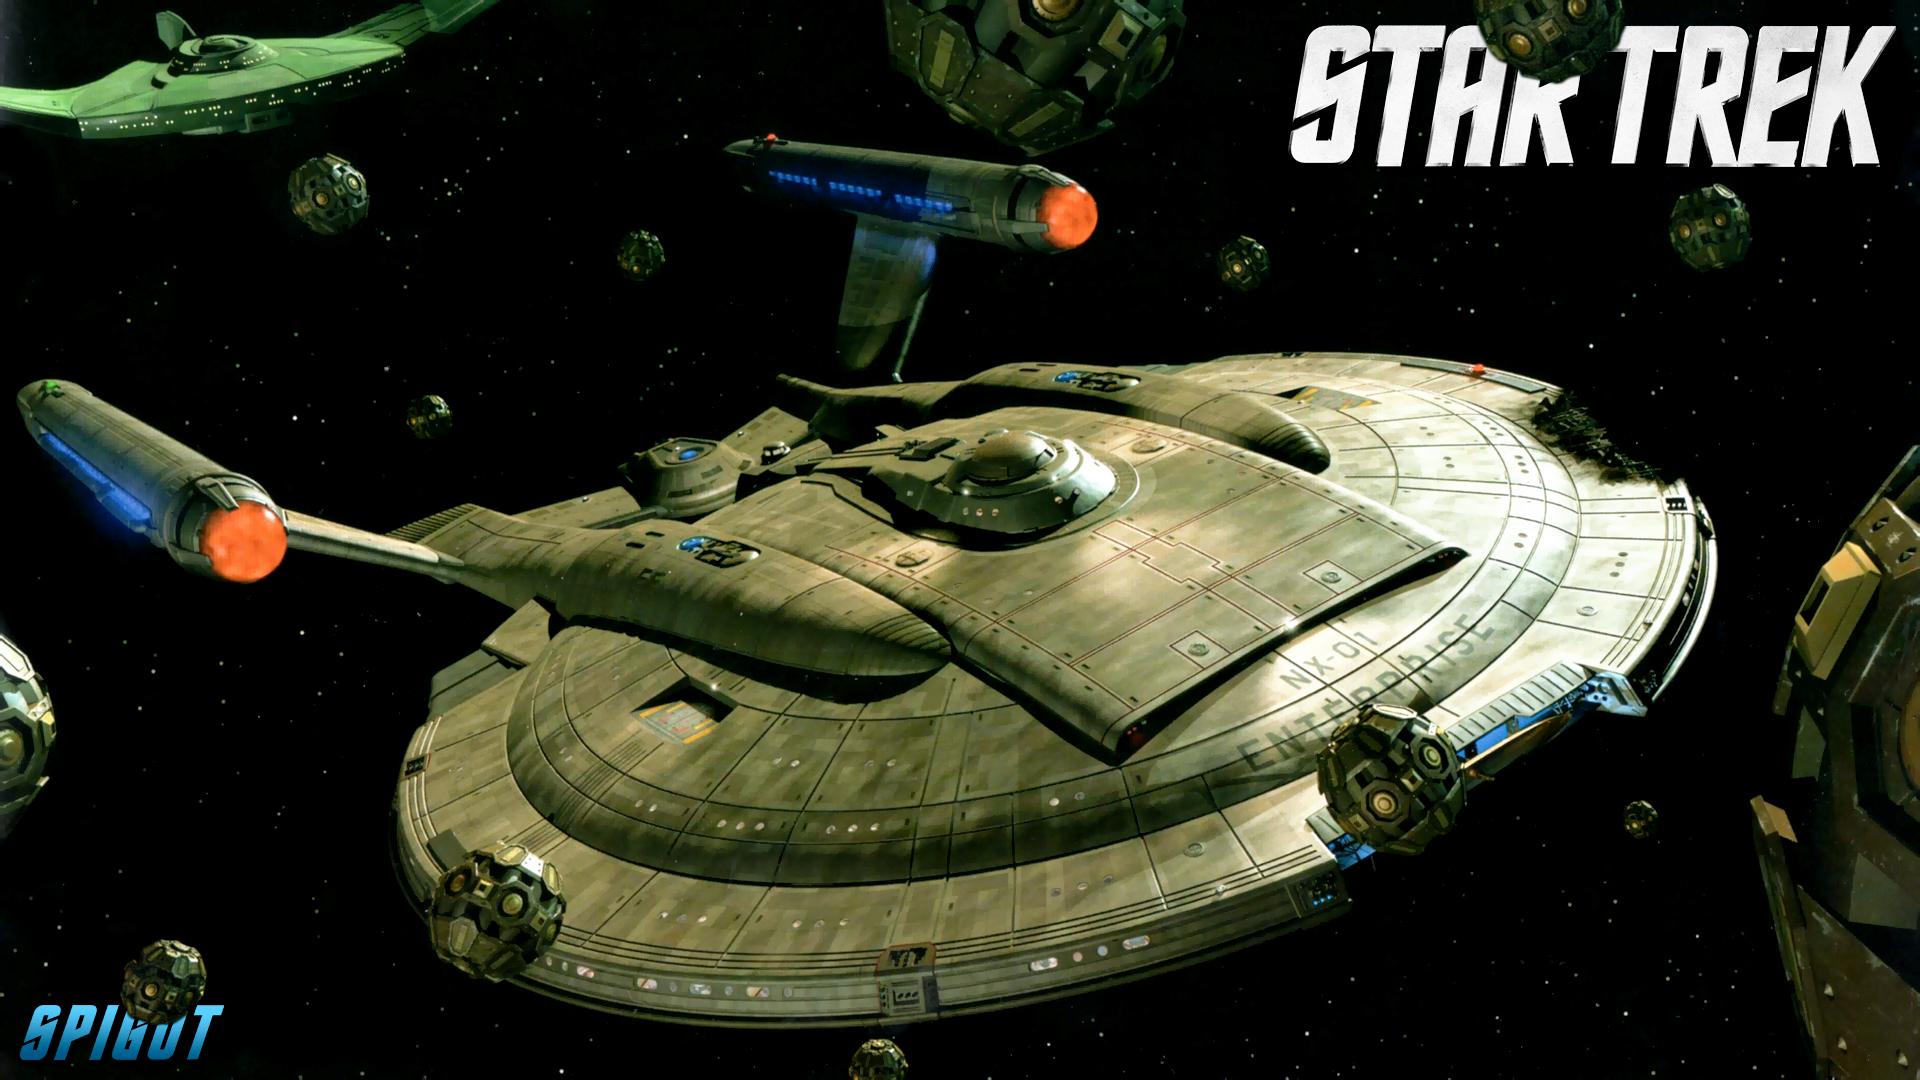 star Trek Enterprise in space with space balls.jpg